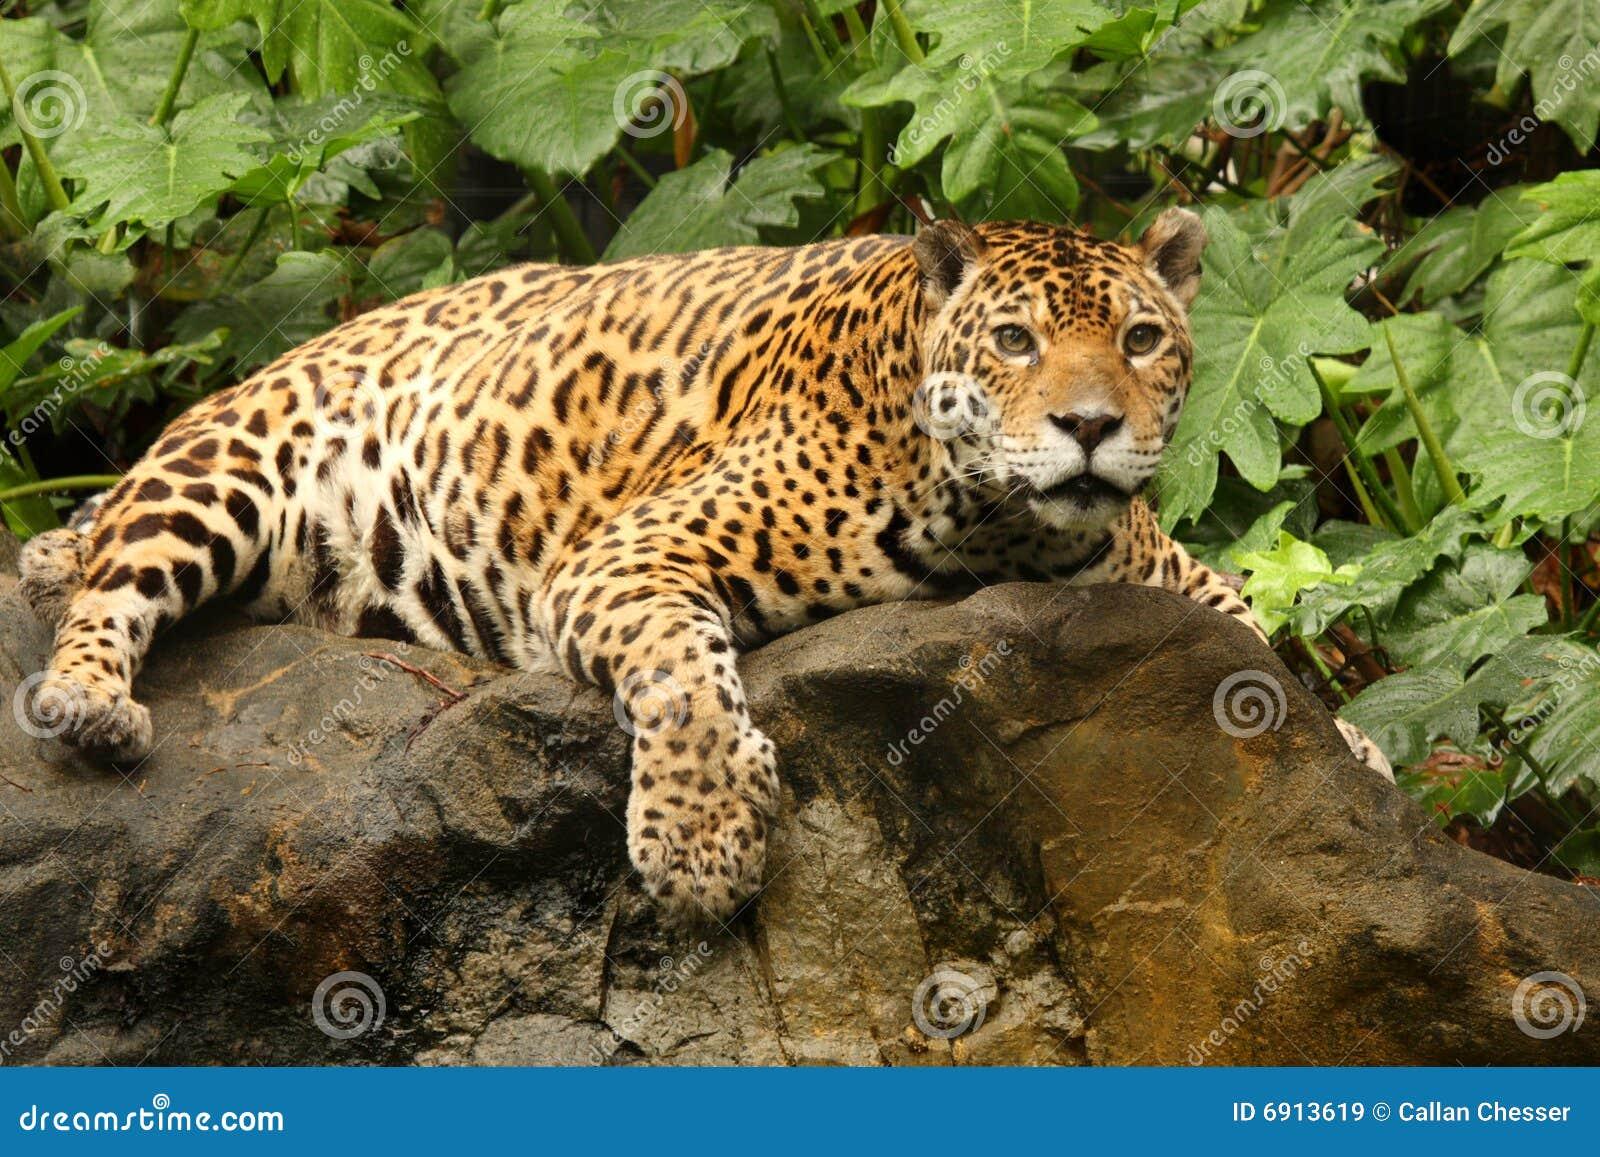 A photo of a male jaguar